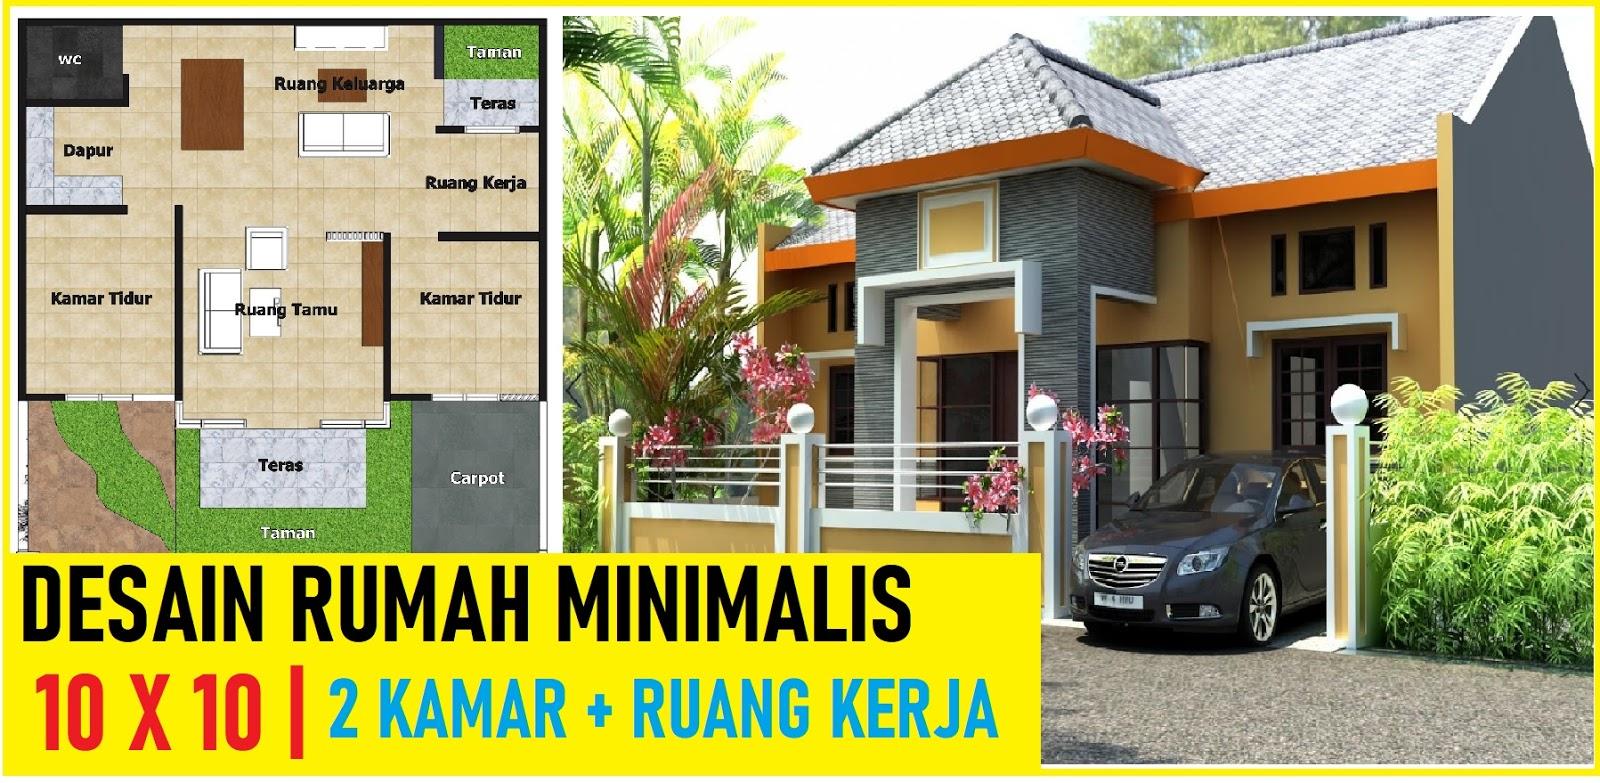 Rumah Minimalis 10x10 2 Kamar Tidur Dan Ruang Kerja Desain Rumah Minimalis